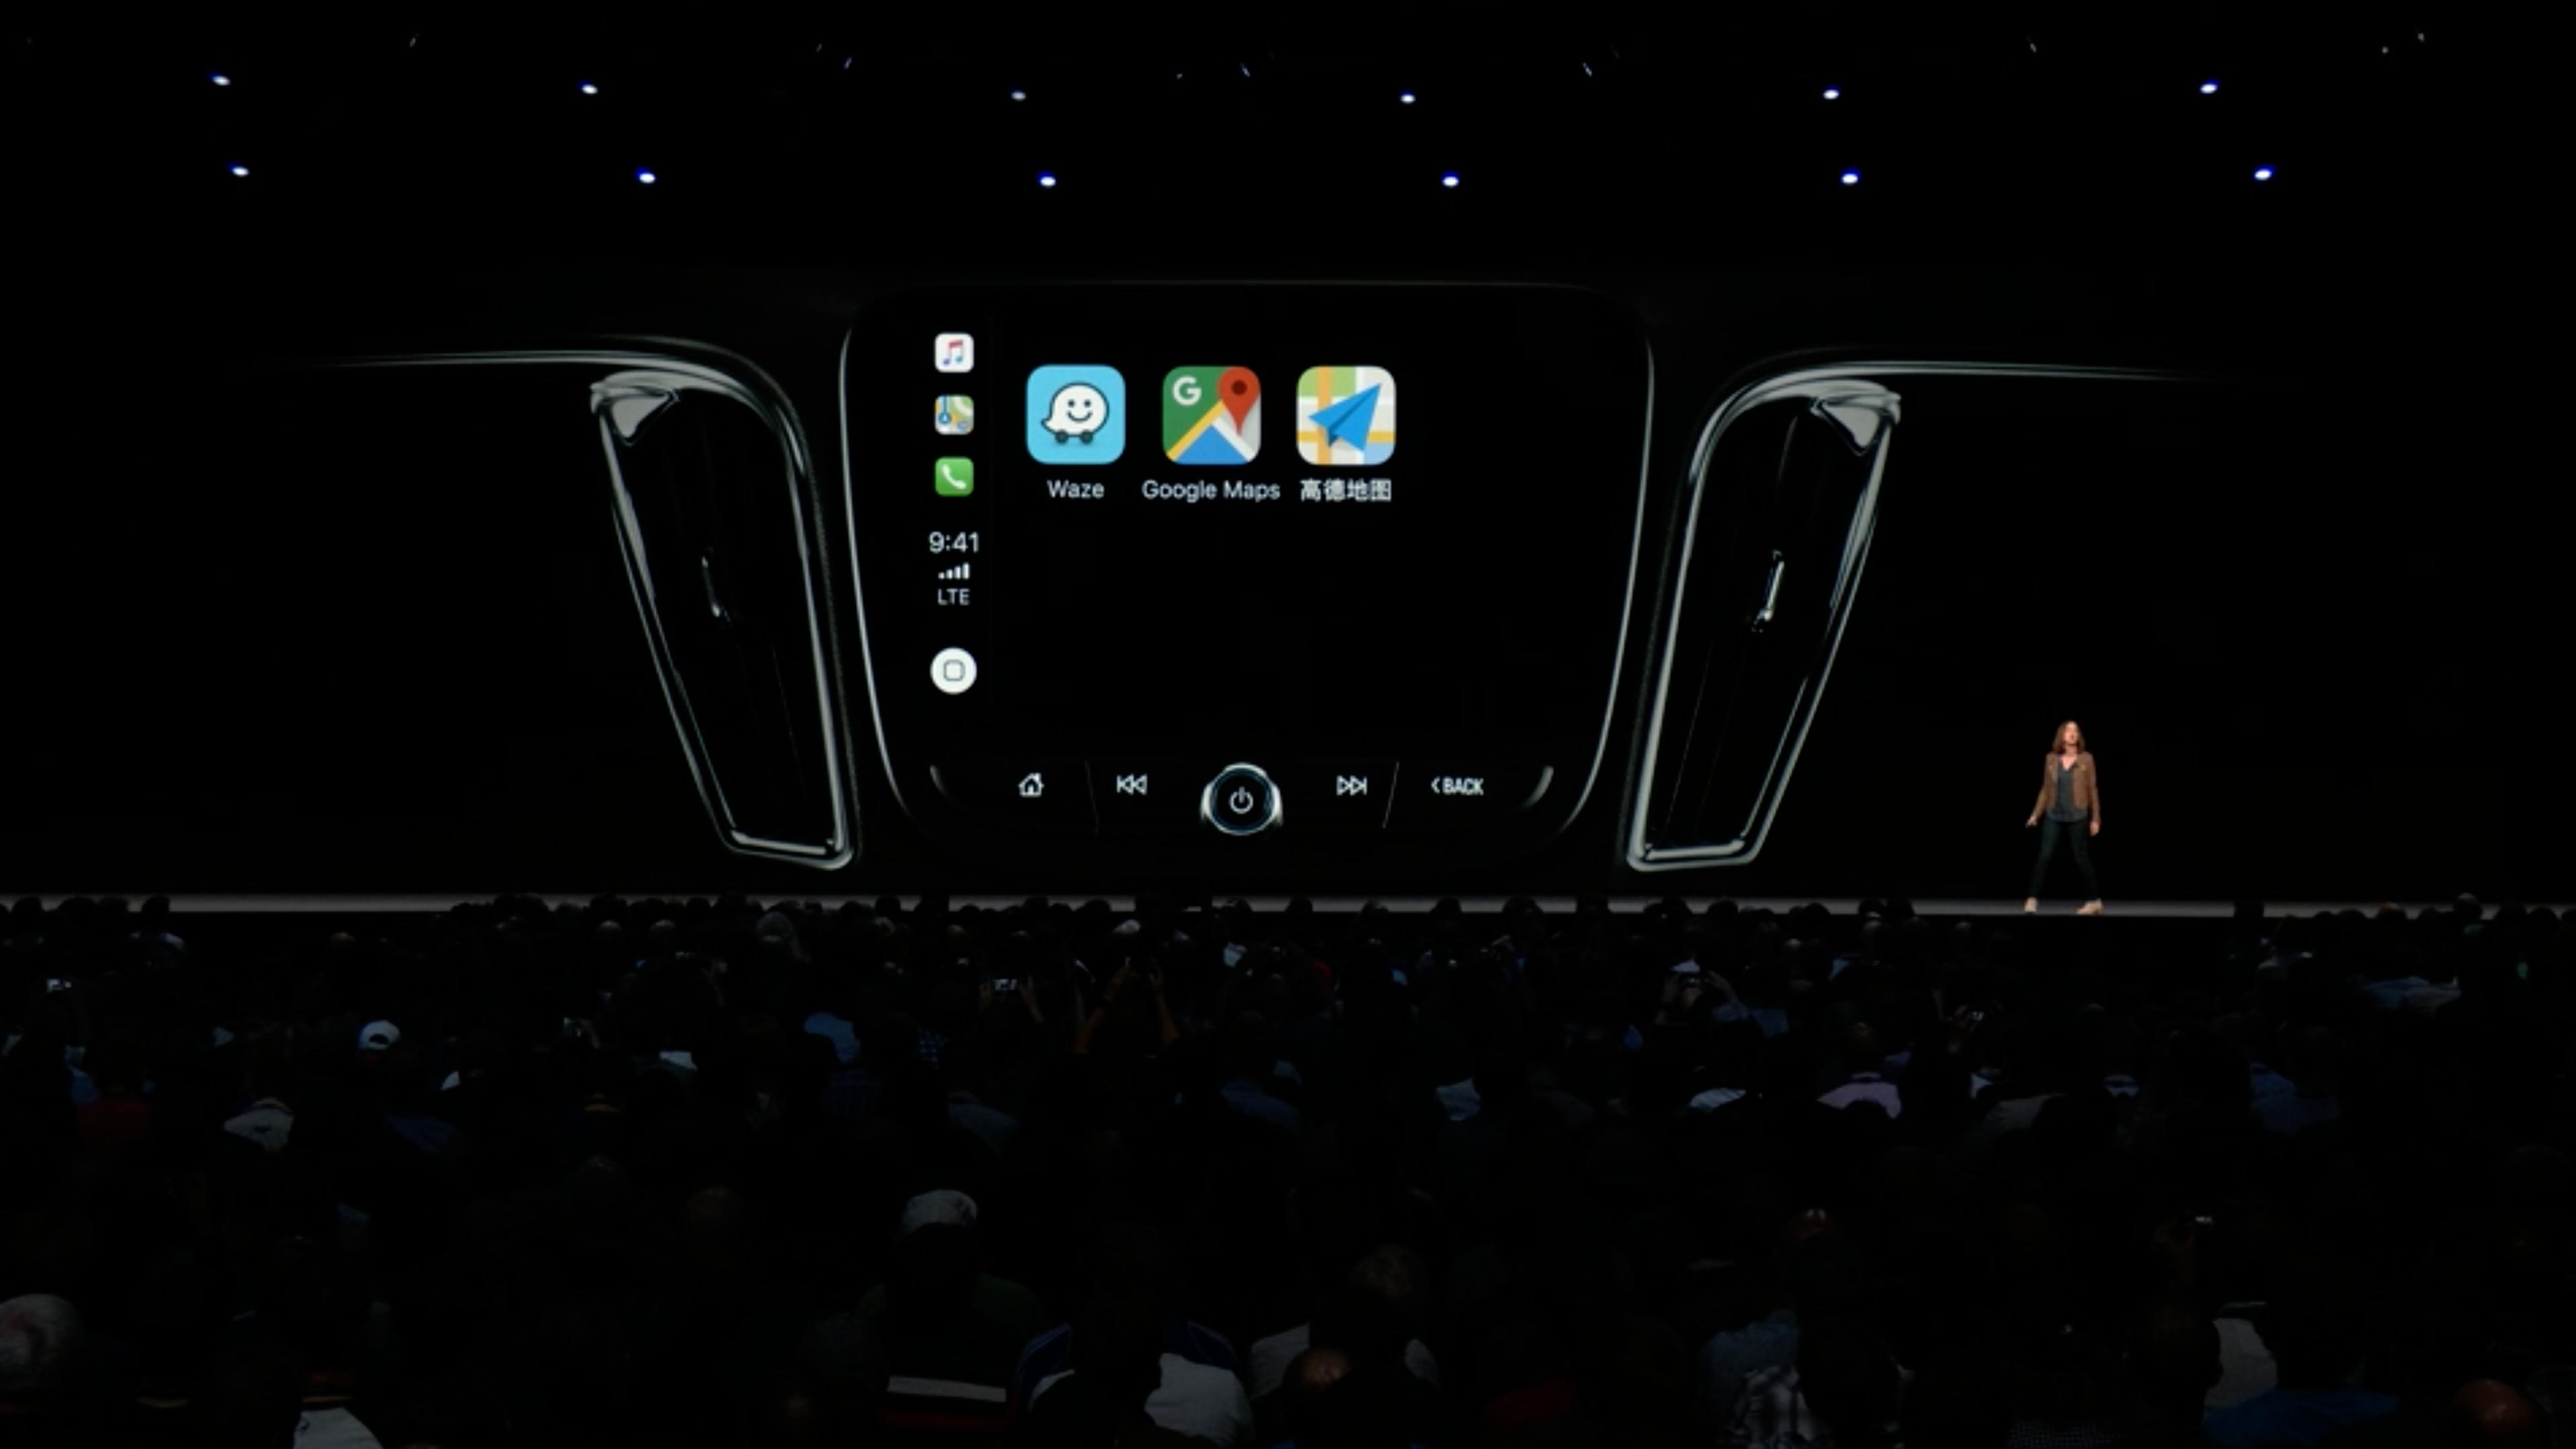 WWDC 2018 - Apple CarPlay com app de terceiros (Waze e Google Maps)